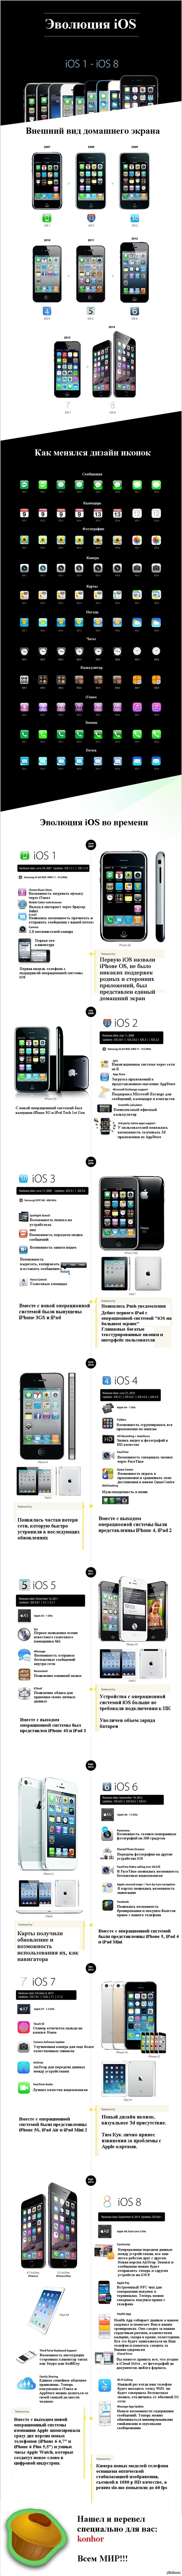 Эволюция iOS: от iOS 1 до iOS 8. Инфографика Пост для тех кому это интересно, просьба тех,кто любит мусорить в комментариях обойти пост стороной!